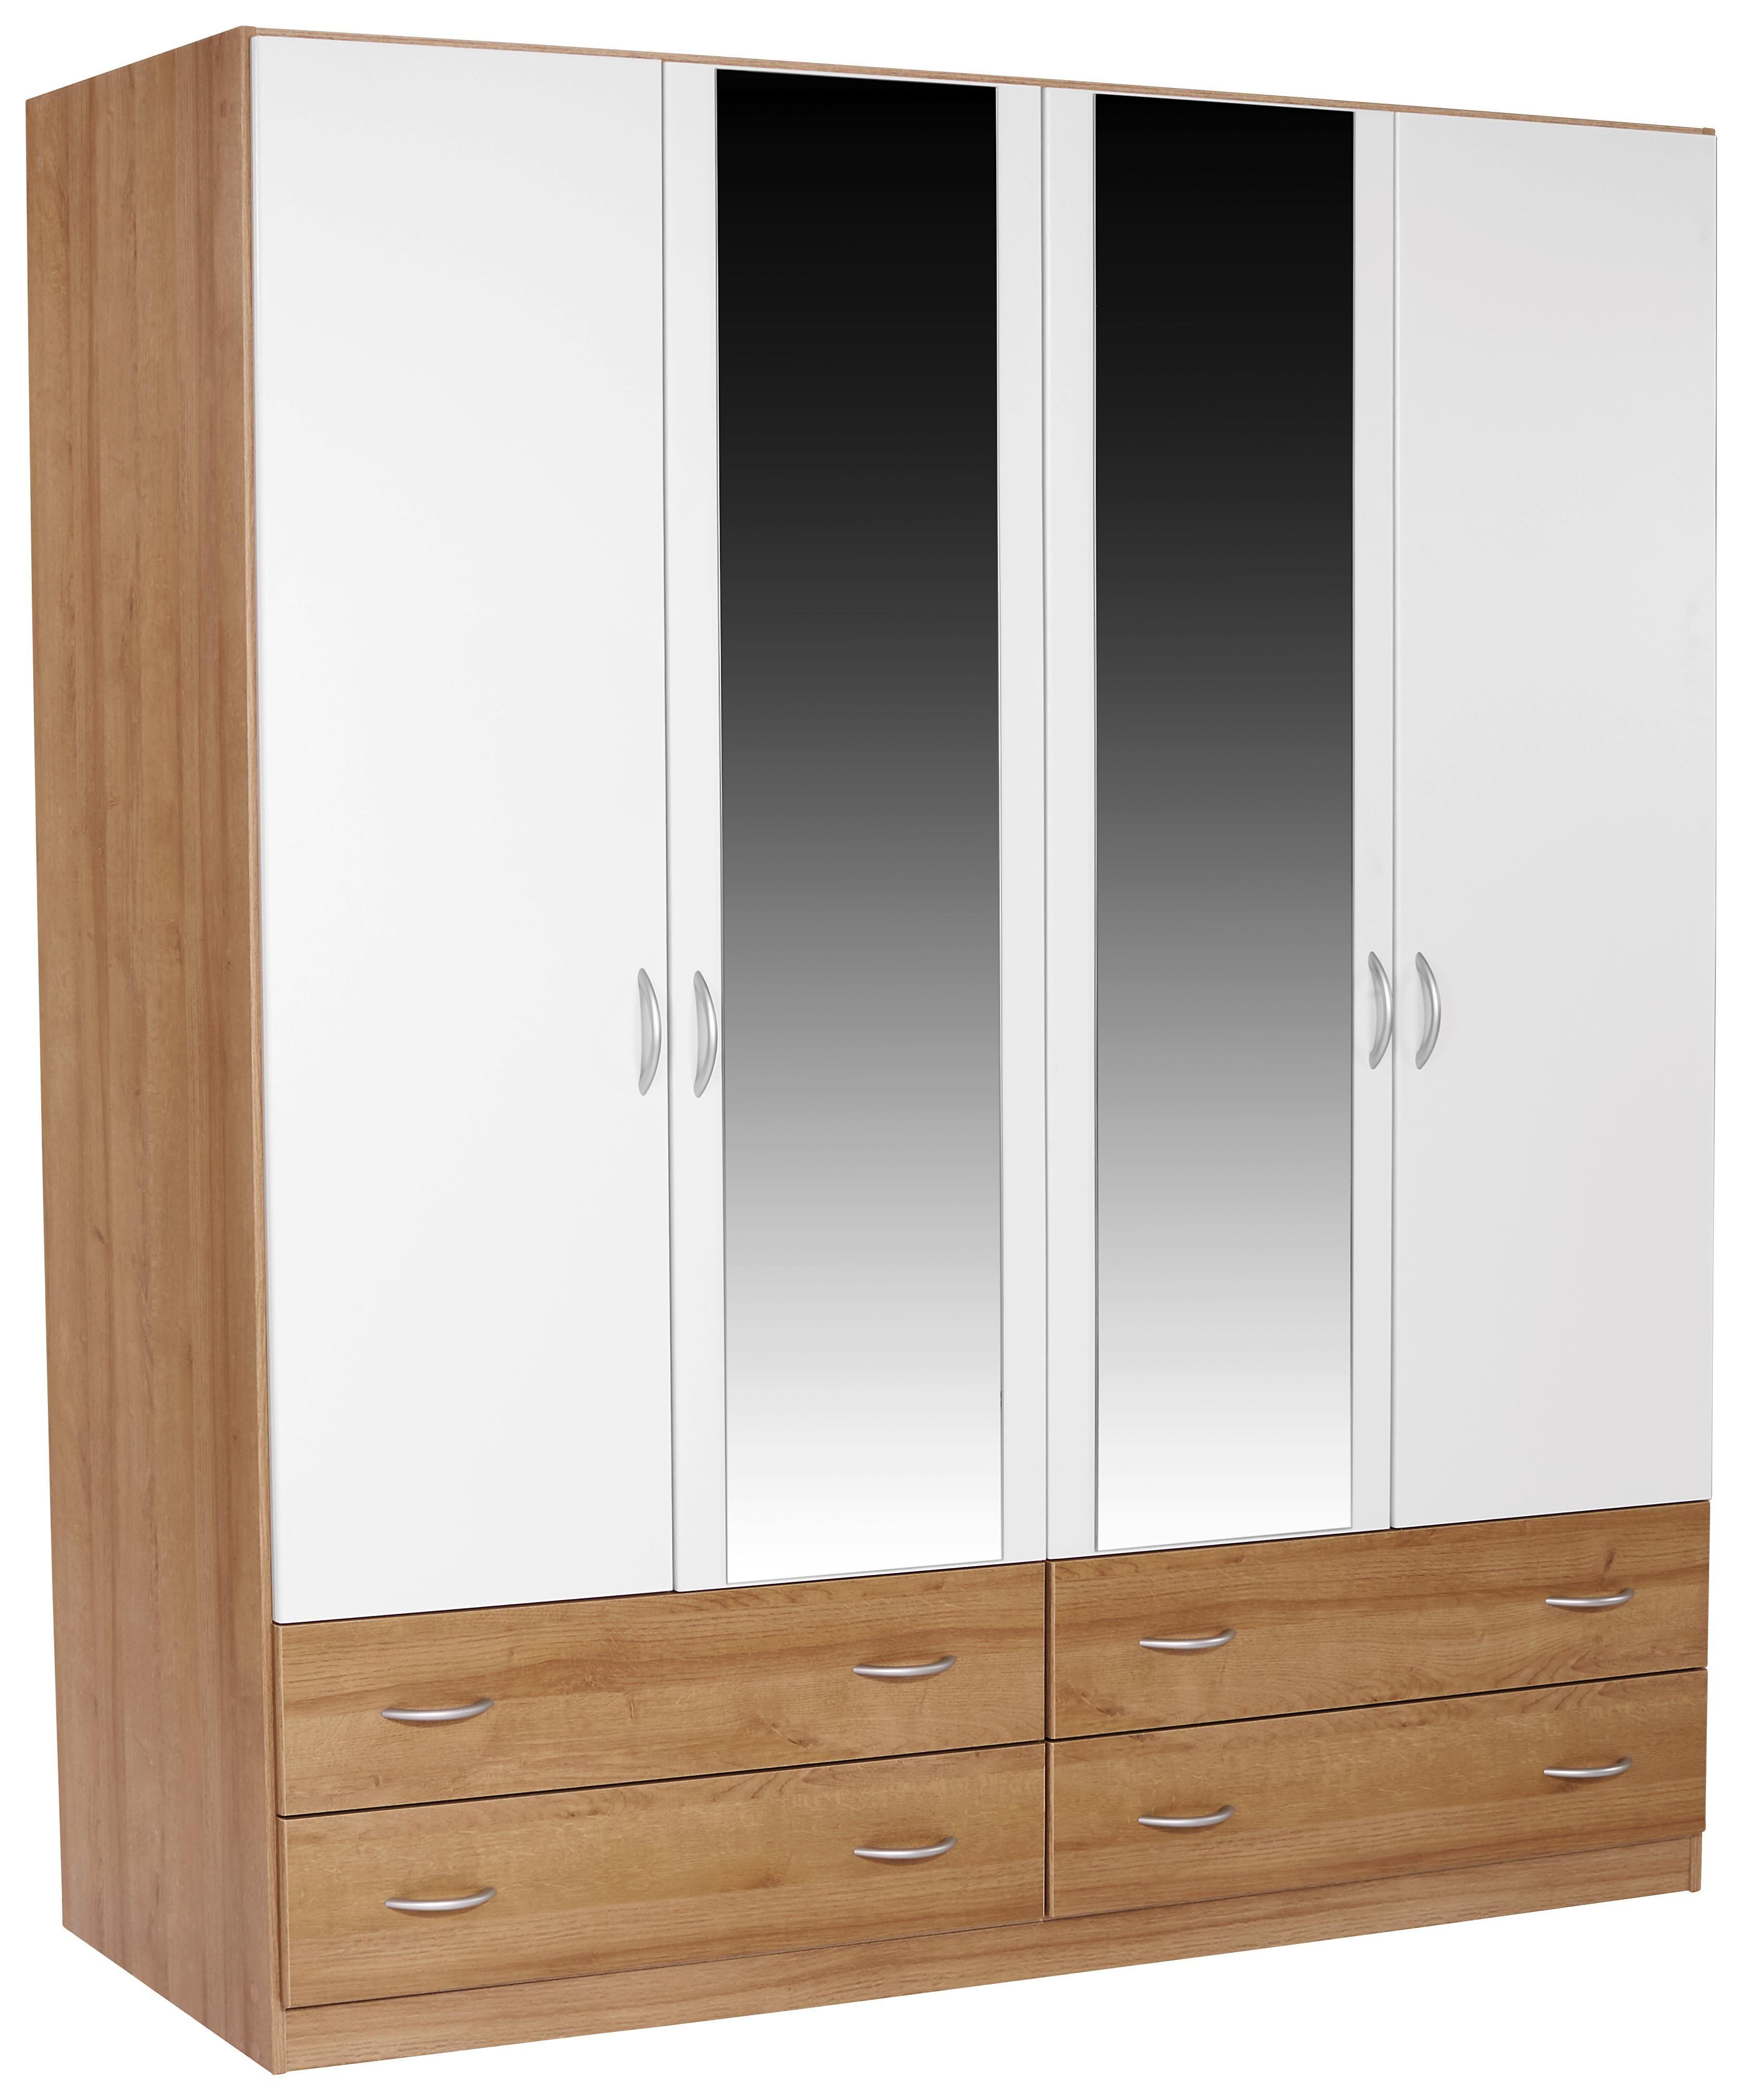 Drehtürenschrank Karo Extra, 4trg, 181cm - Eichefarben/Weiß, KONVENTIONELL, Holzwerkstoff (181/197/54cm)